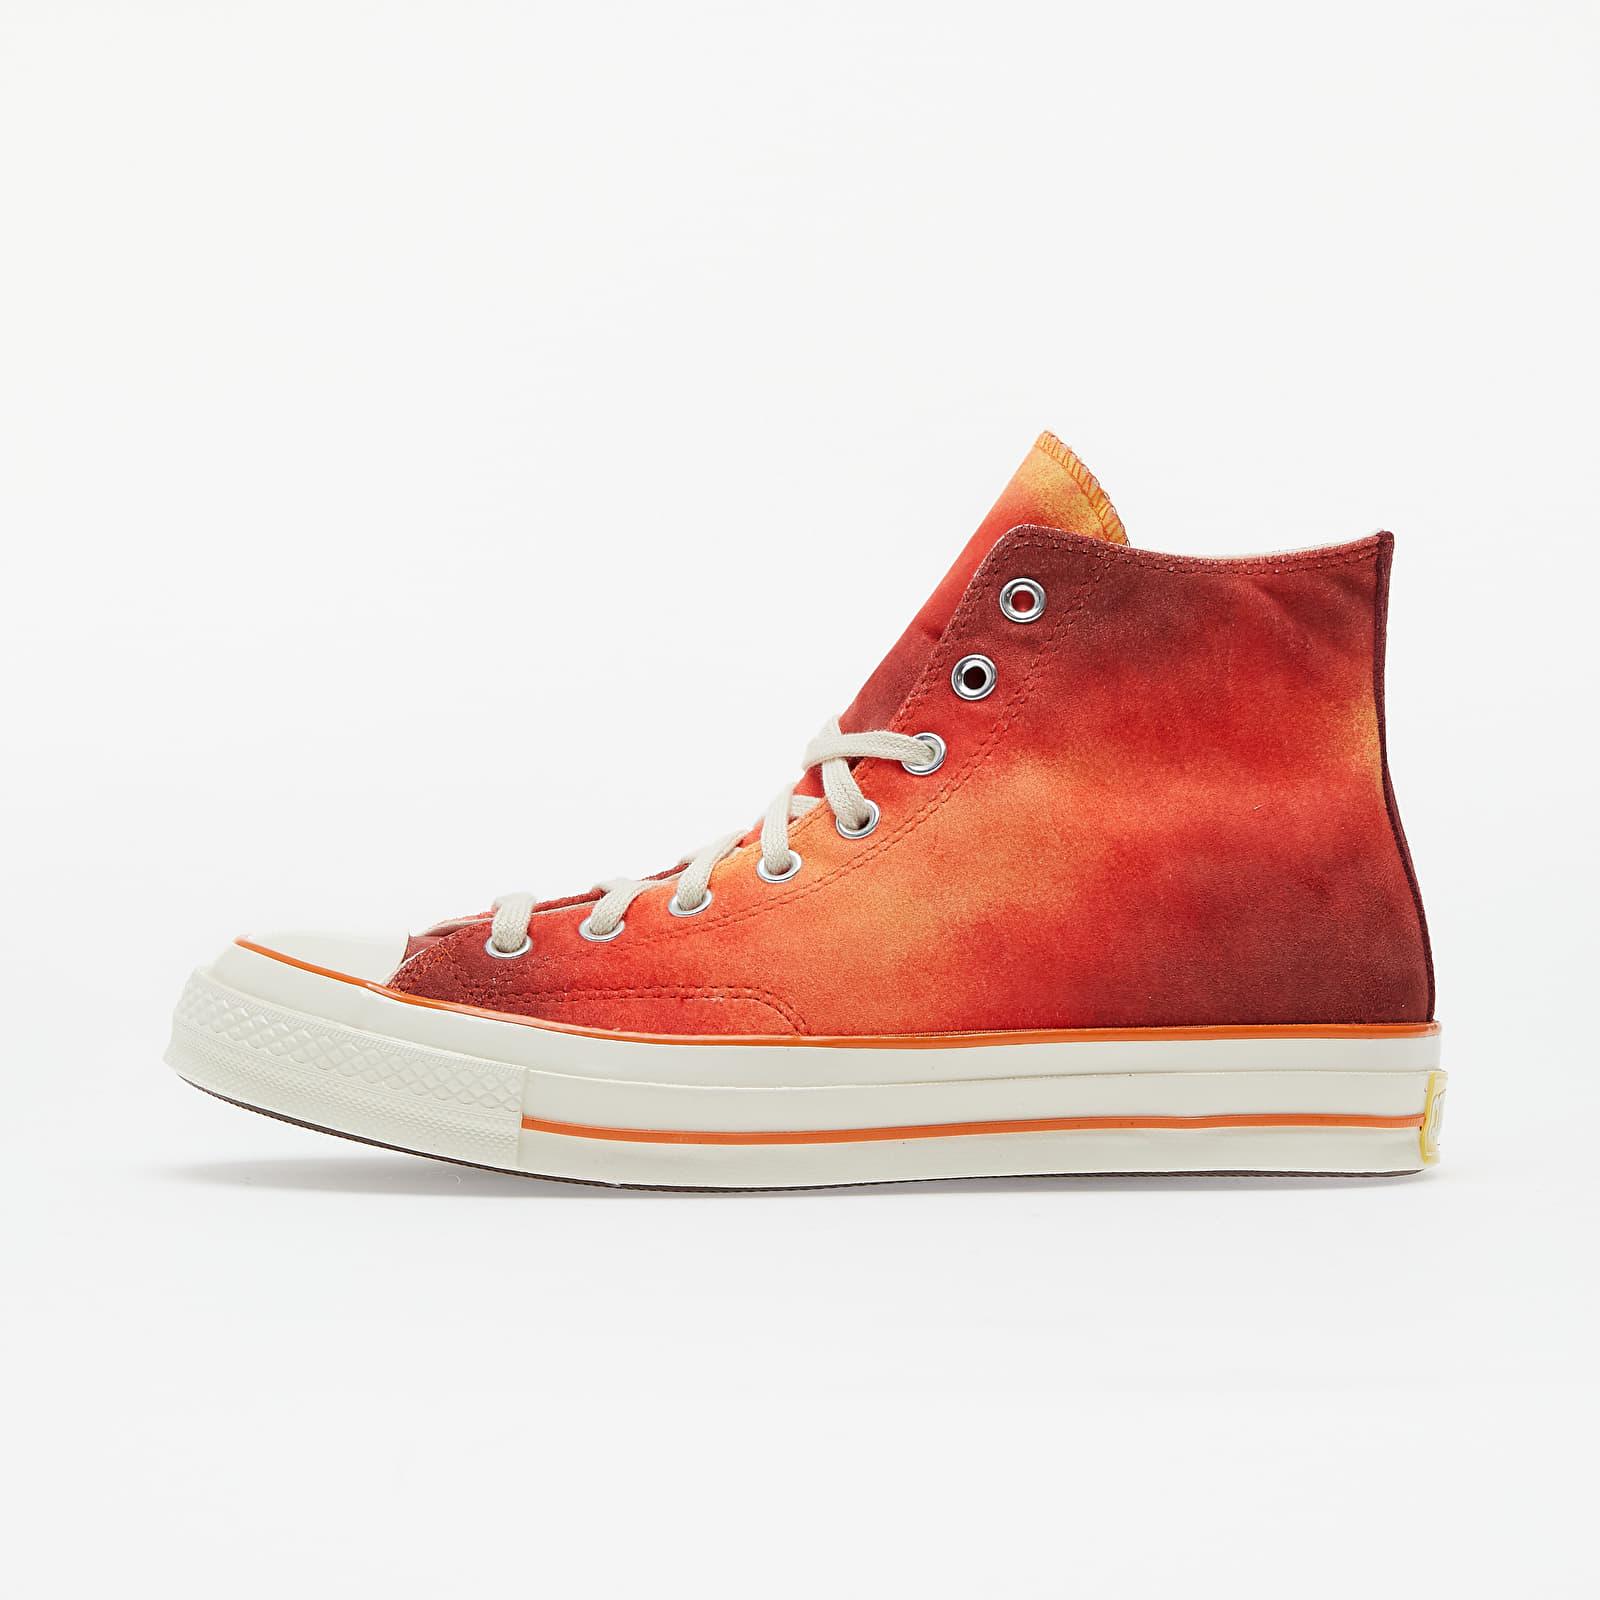 Converse x Concepts Chuck 70 Hi Orange/ Red/ Egret 170590C